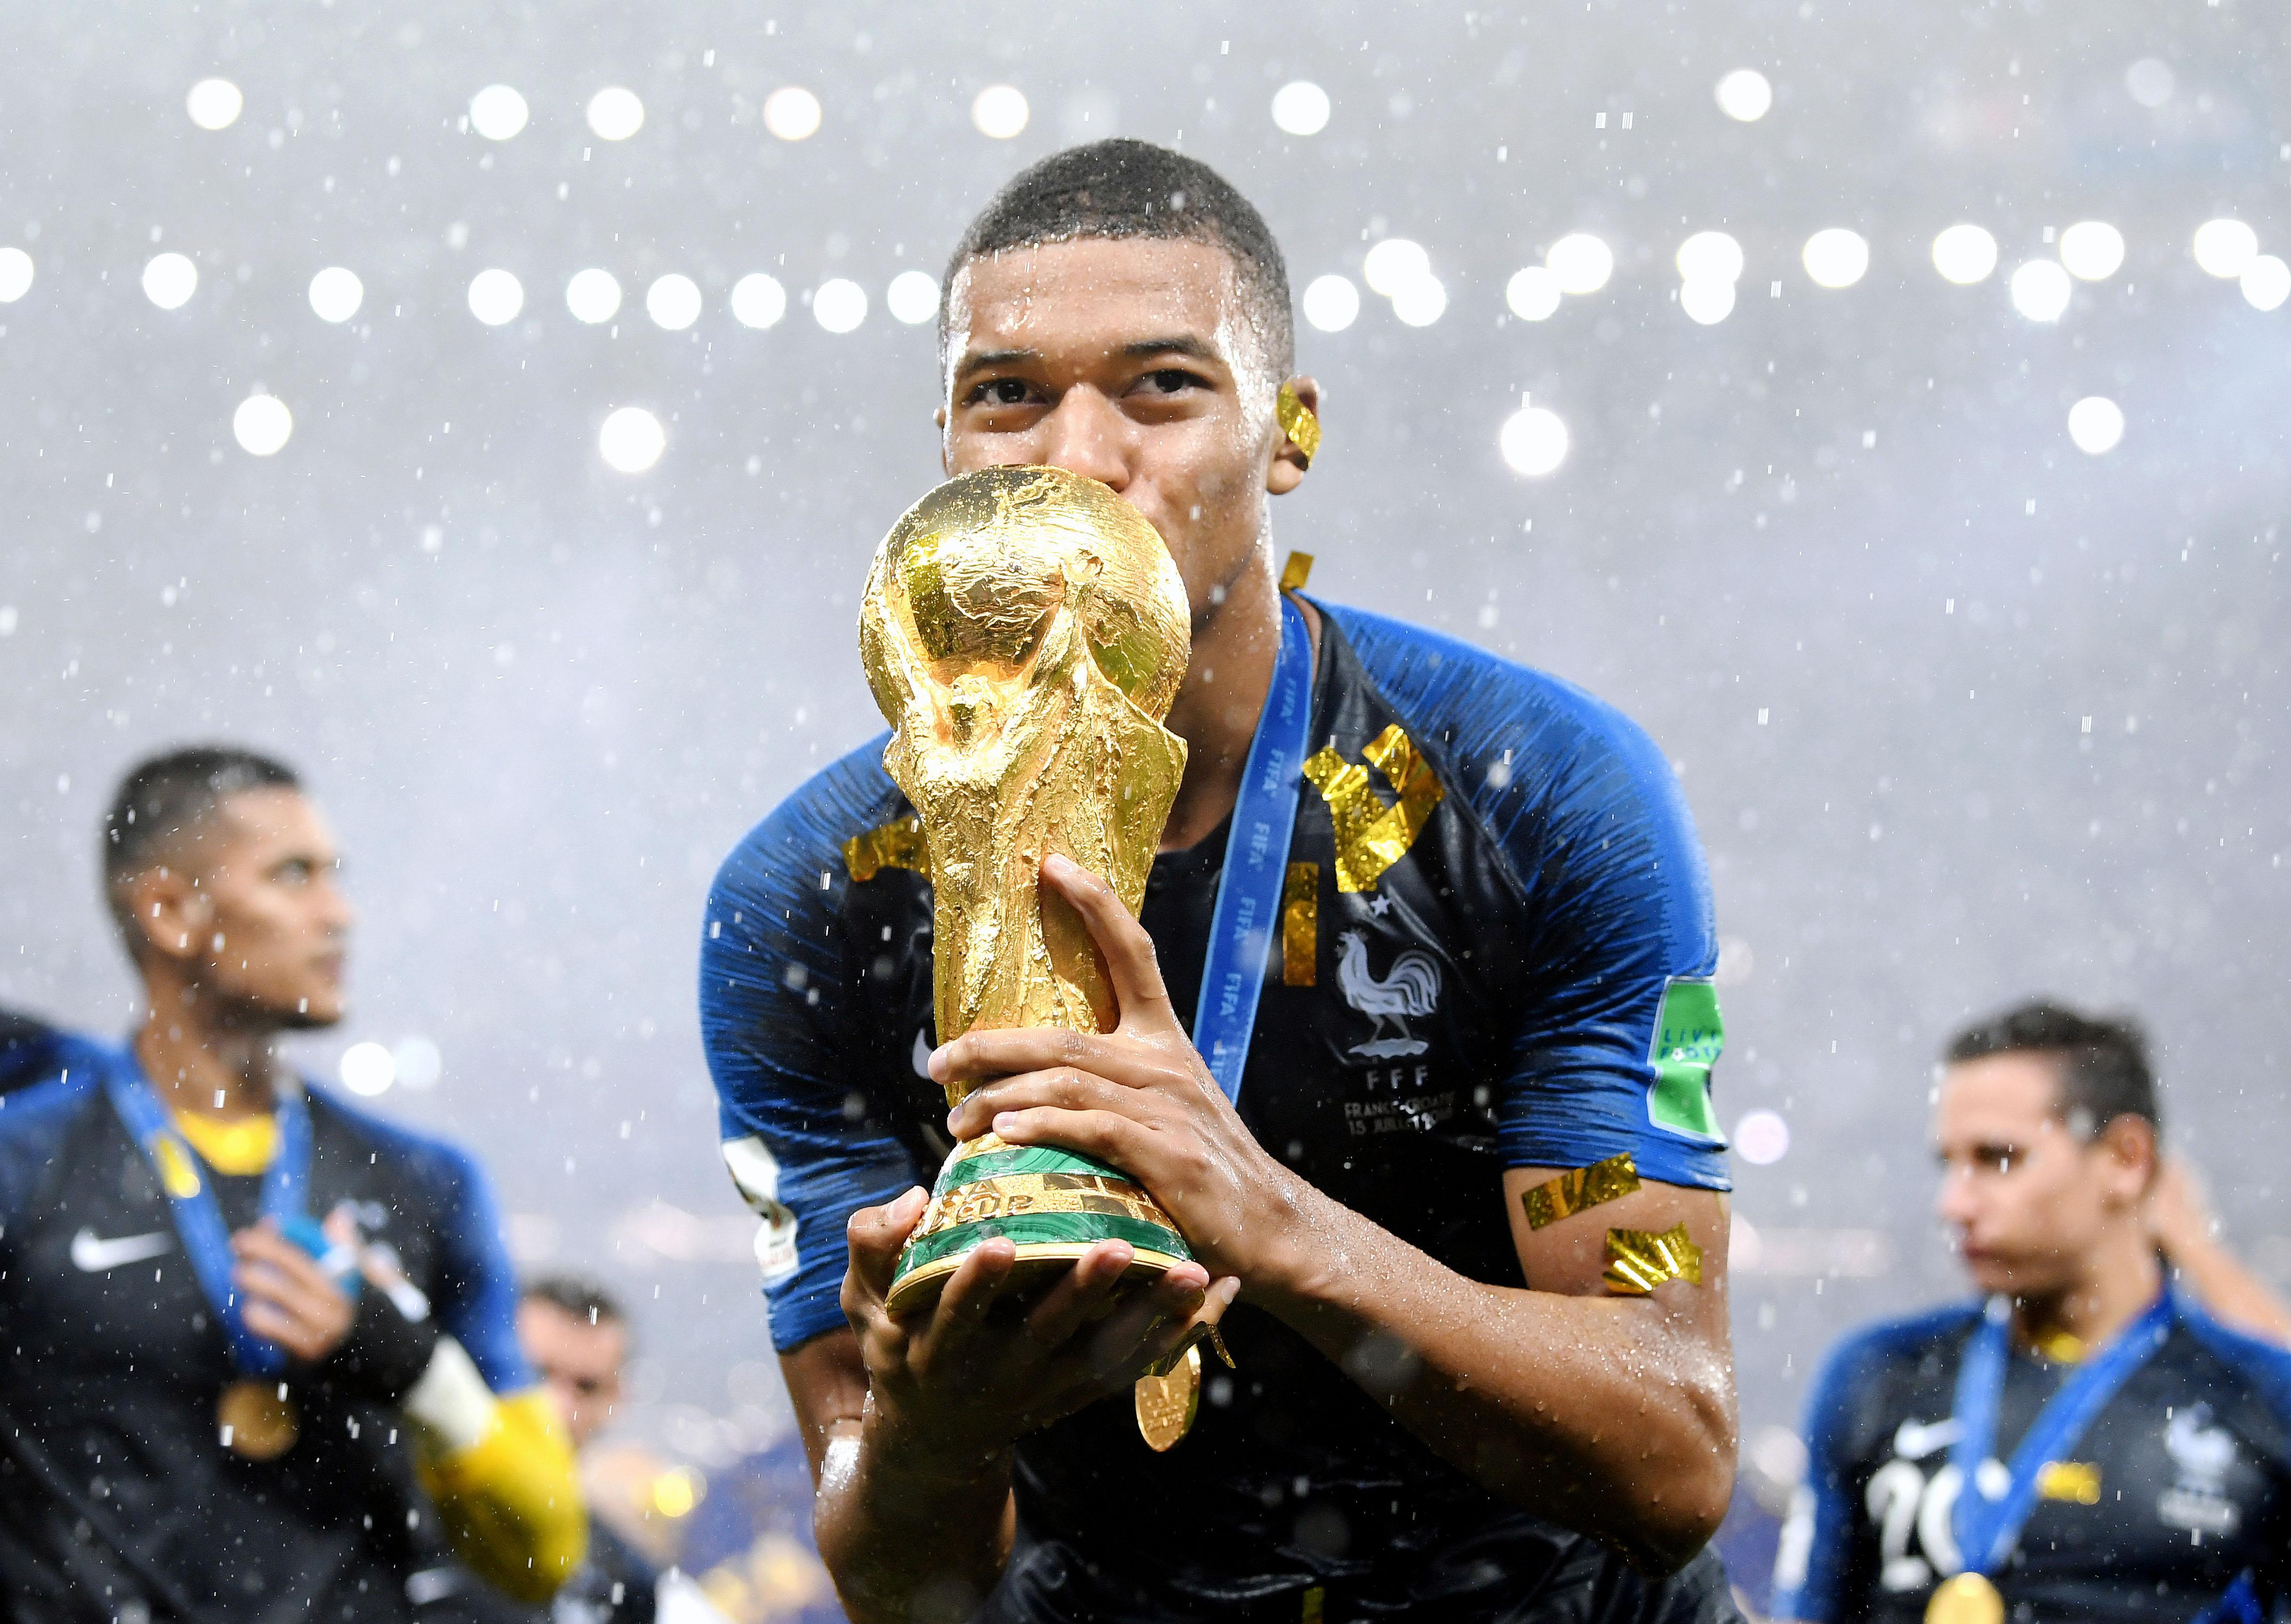 Нападающий сборной Франции Килиан Мбаппе целует Кубок мира. 19-летний Мбаппе — самый юный игрок со времен Пеле, оформивший дубль водном матче ЧМ.